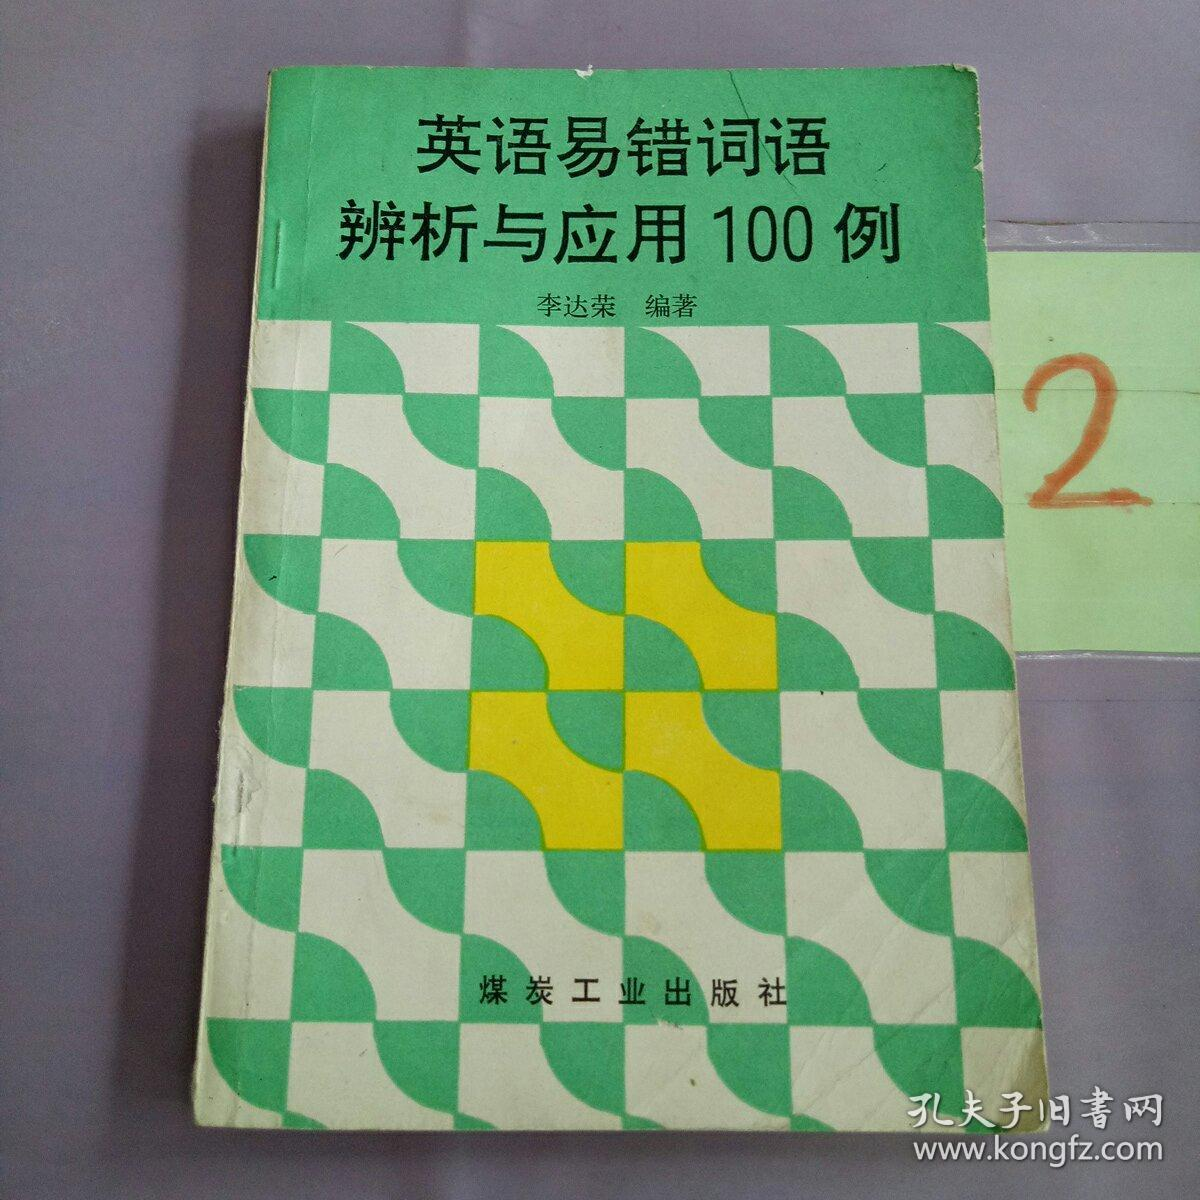 英语易错词语辨析与应用100例